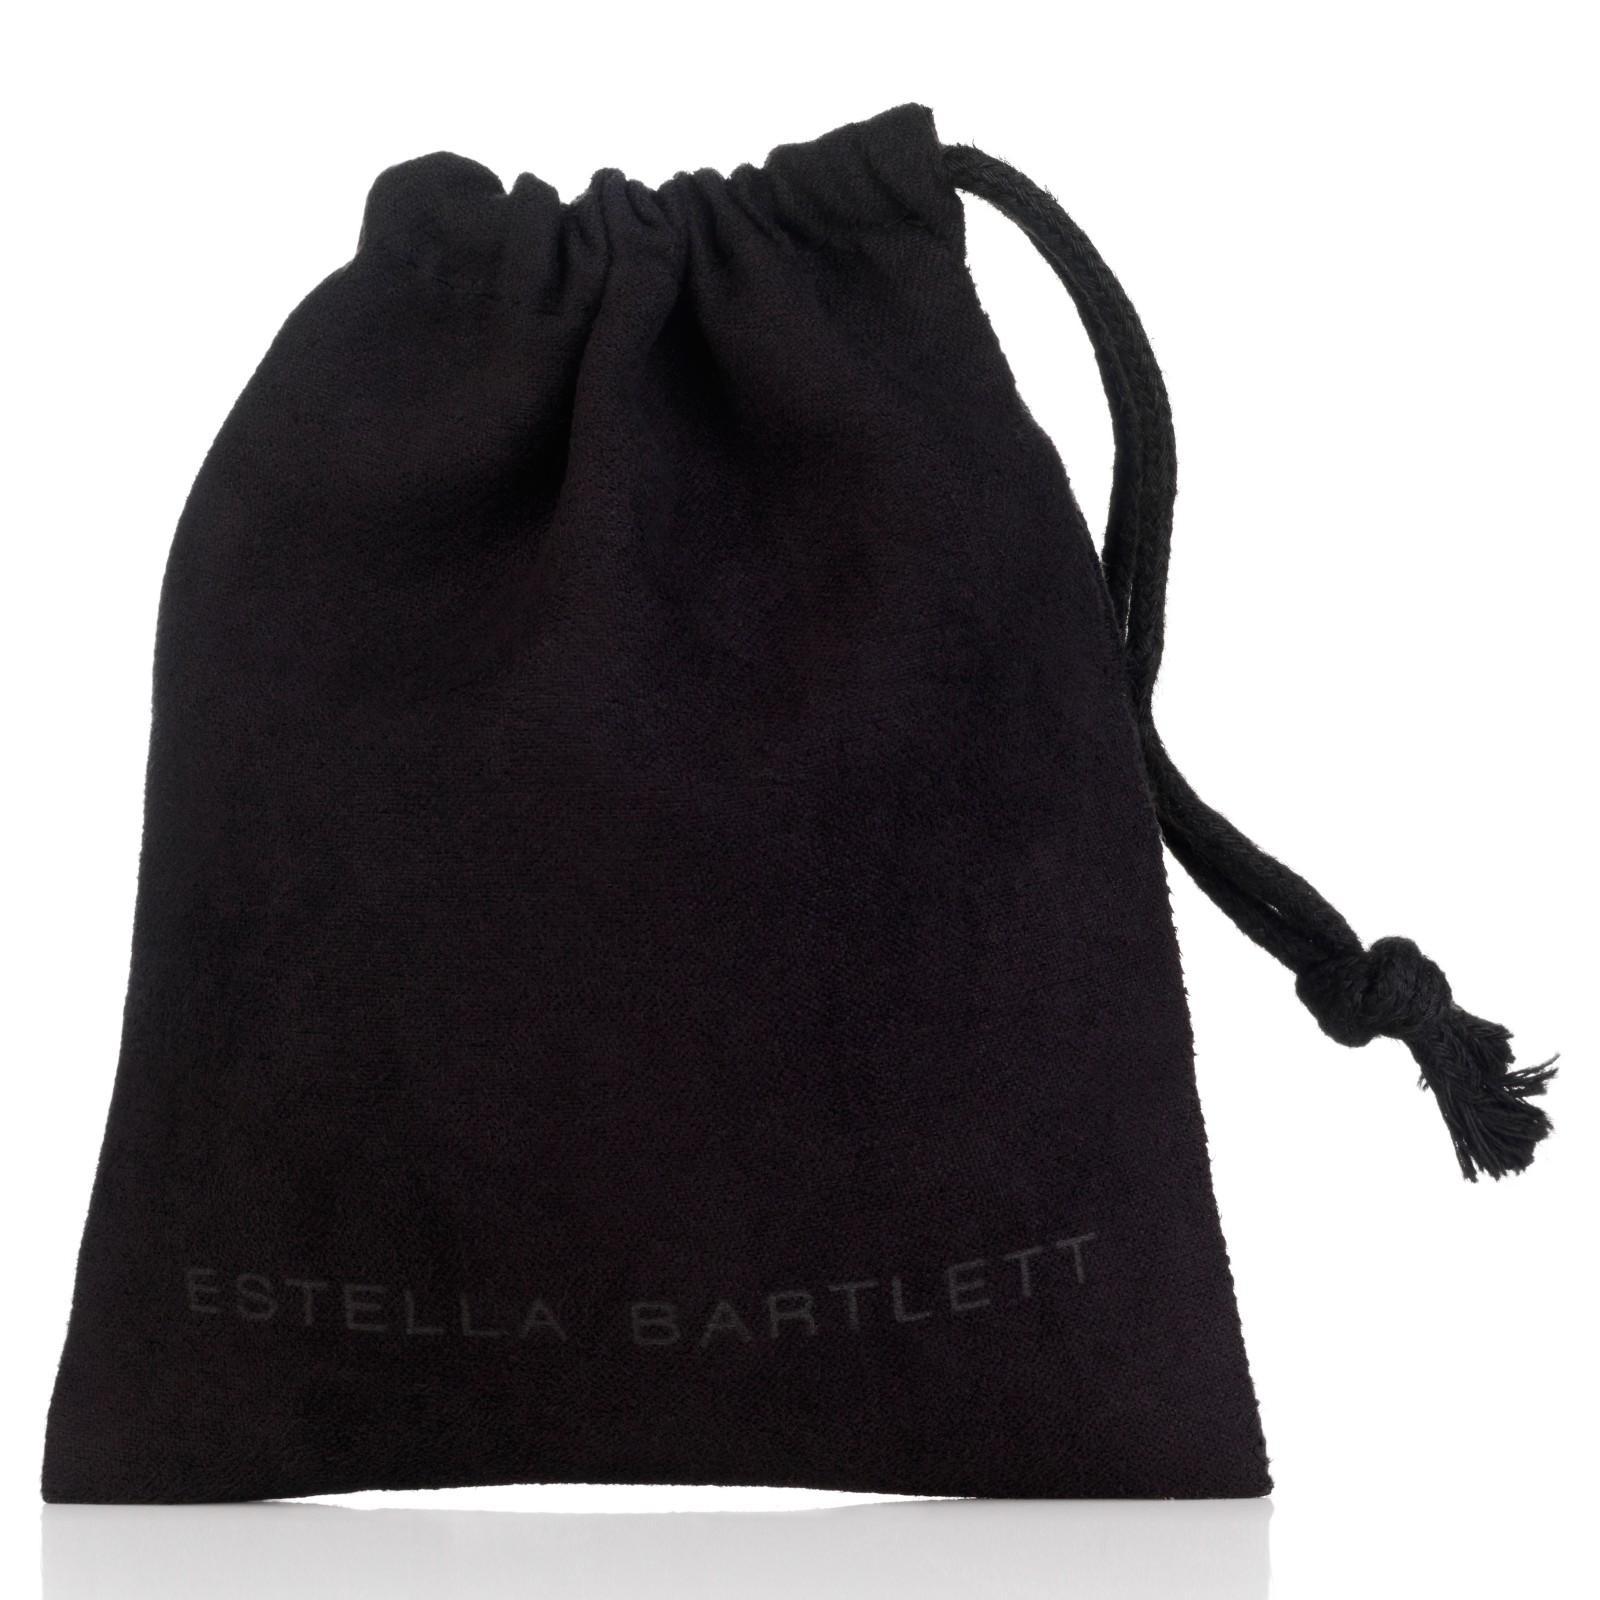 Estella Bartlett Fine Sterling Silver Engraved Heart Locket Pendant in Metallic